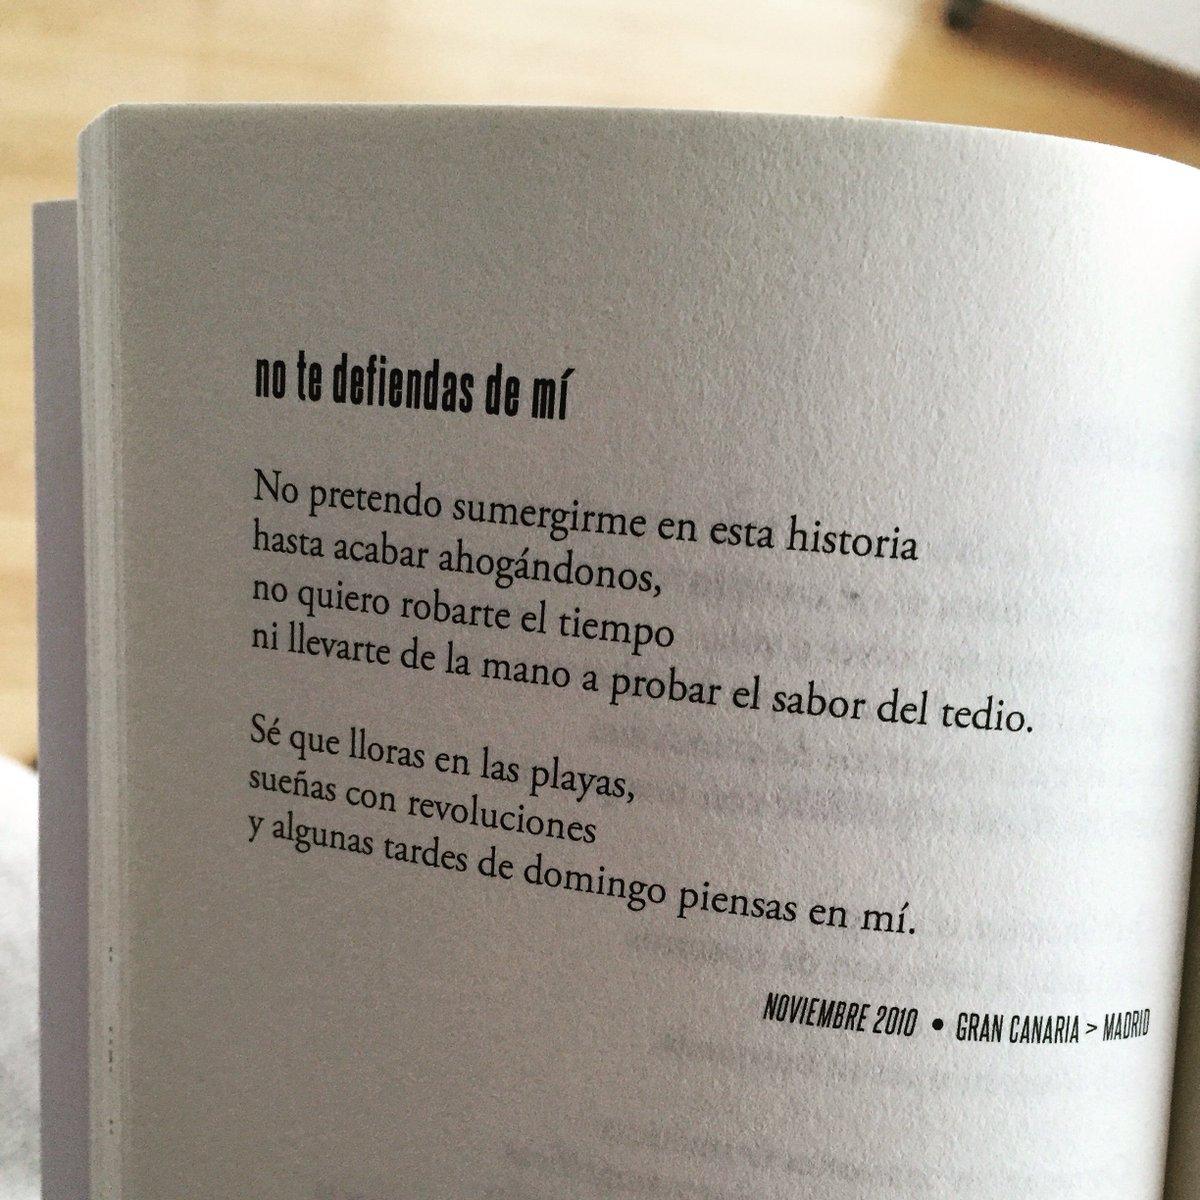 Buenas noches! #Poesía by @diegoojeda85